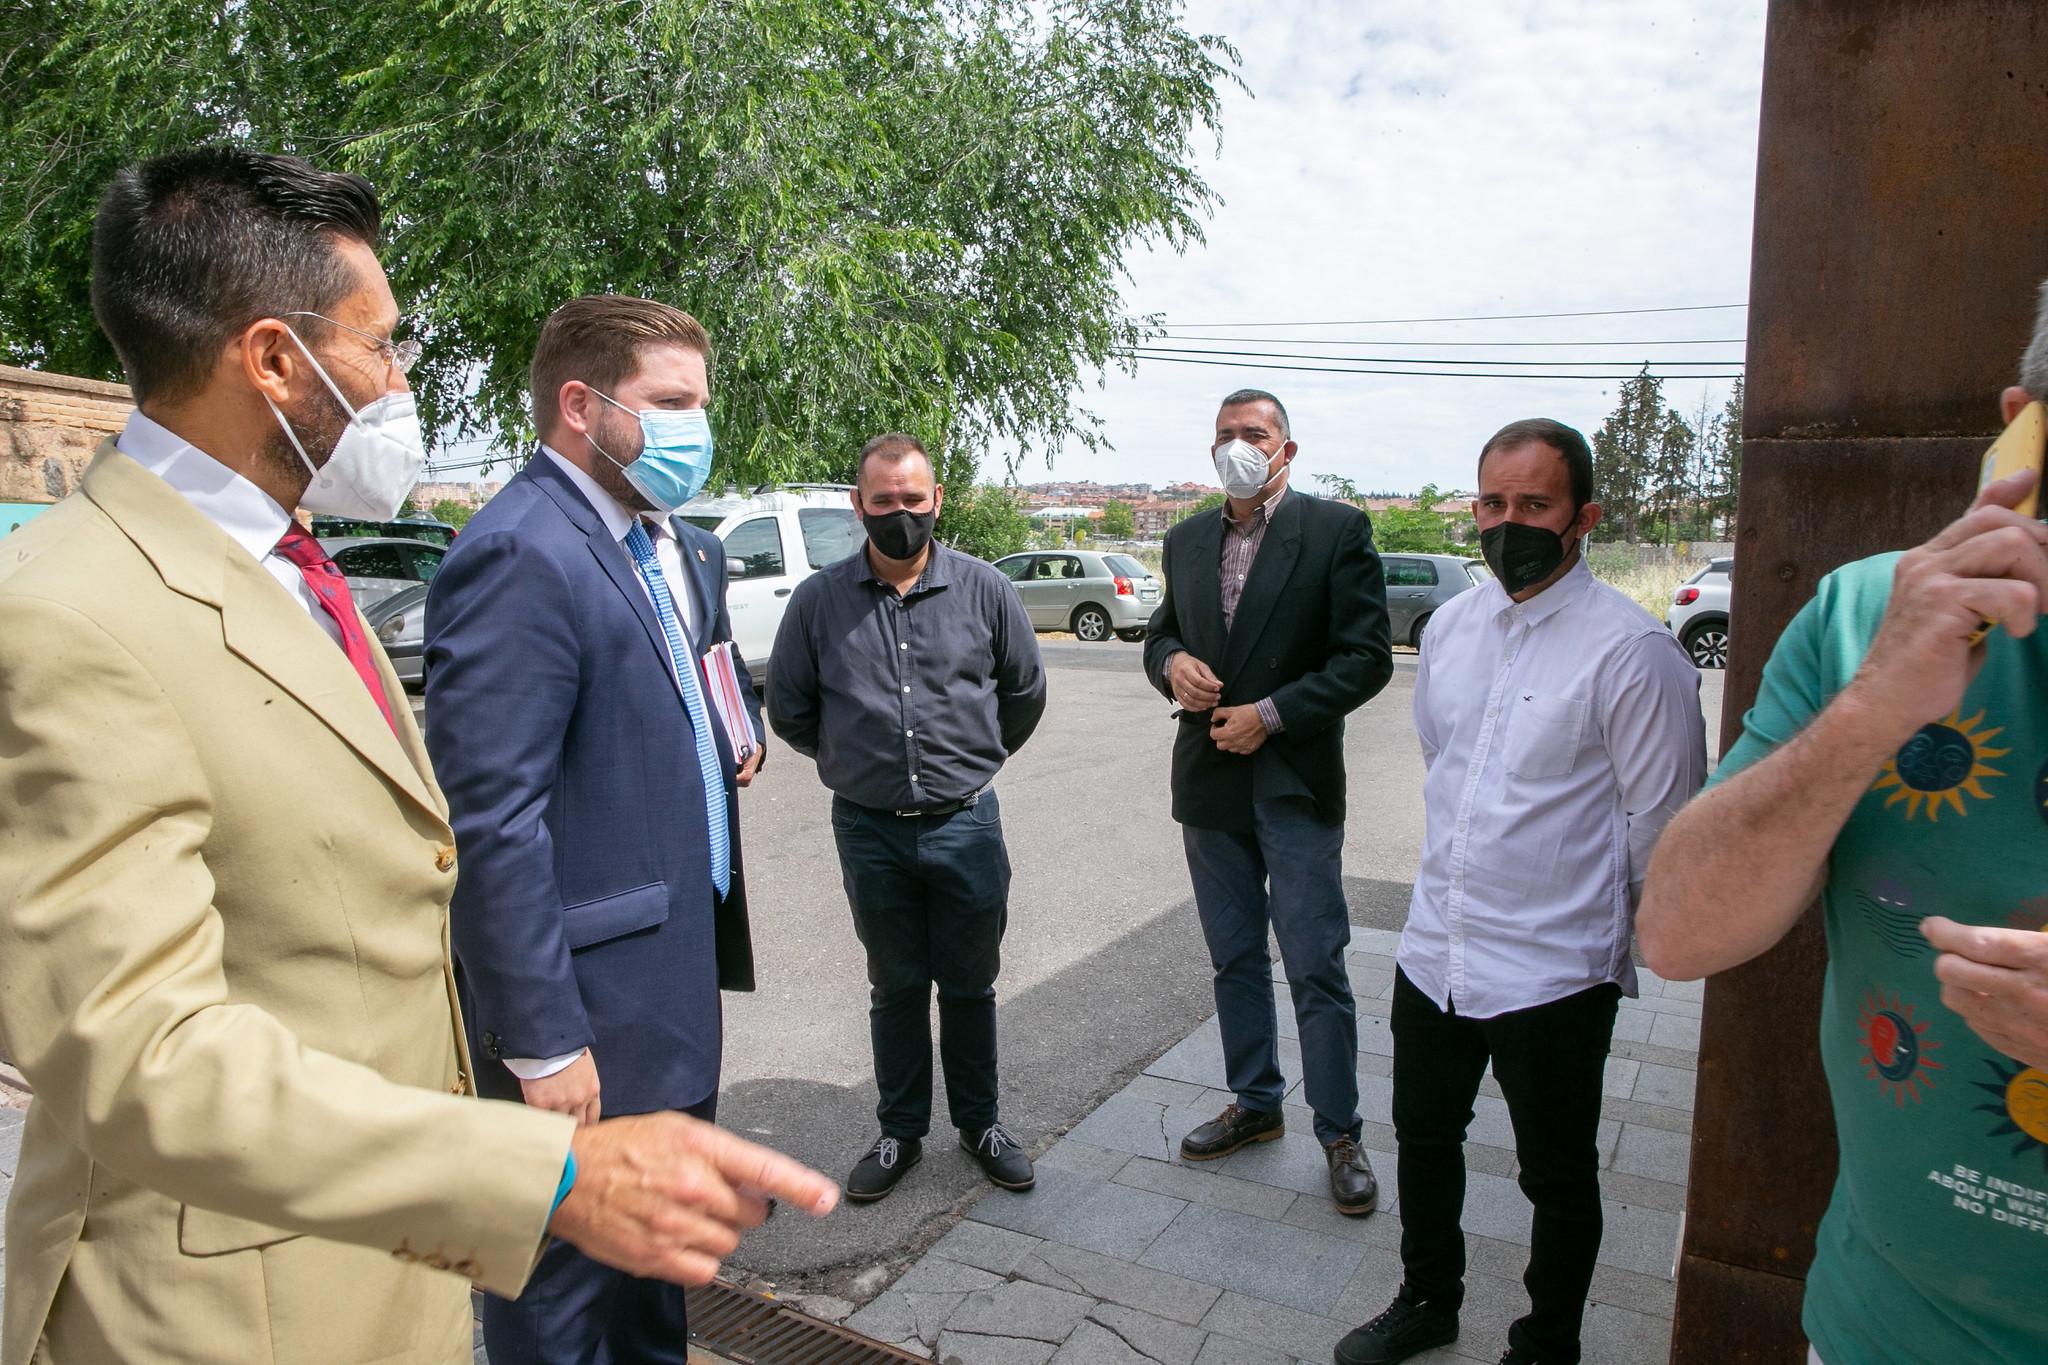 El consejero de Fomento, Nacho Hernando, ha presentado el Área de Prestación Conjunta del Taxi de La Sagra